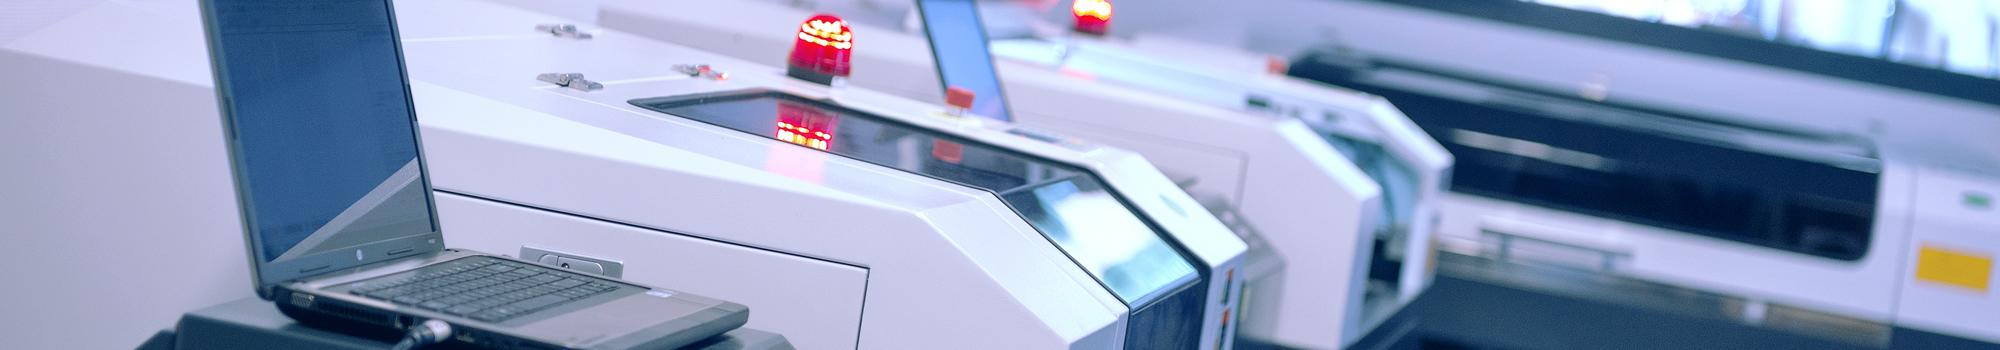 header-lasermachines-4218